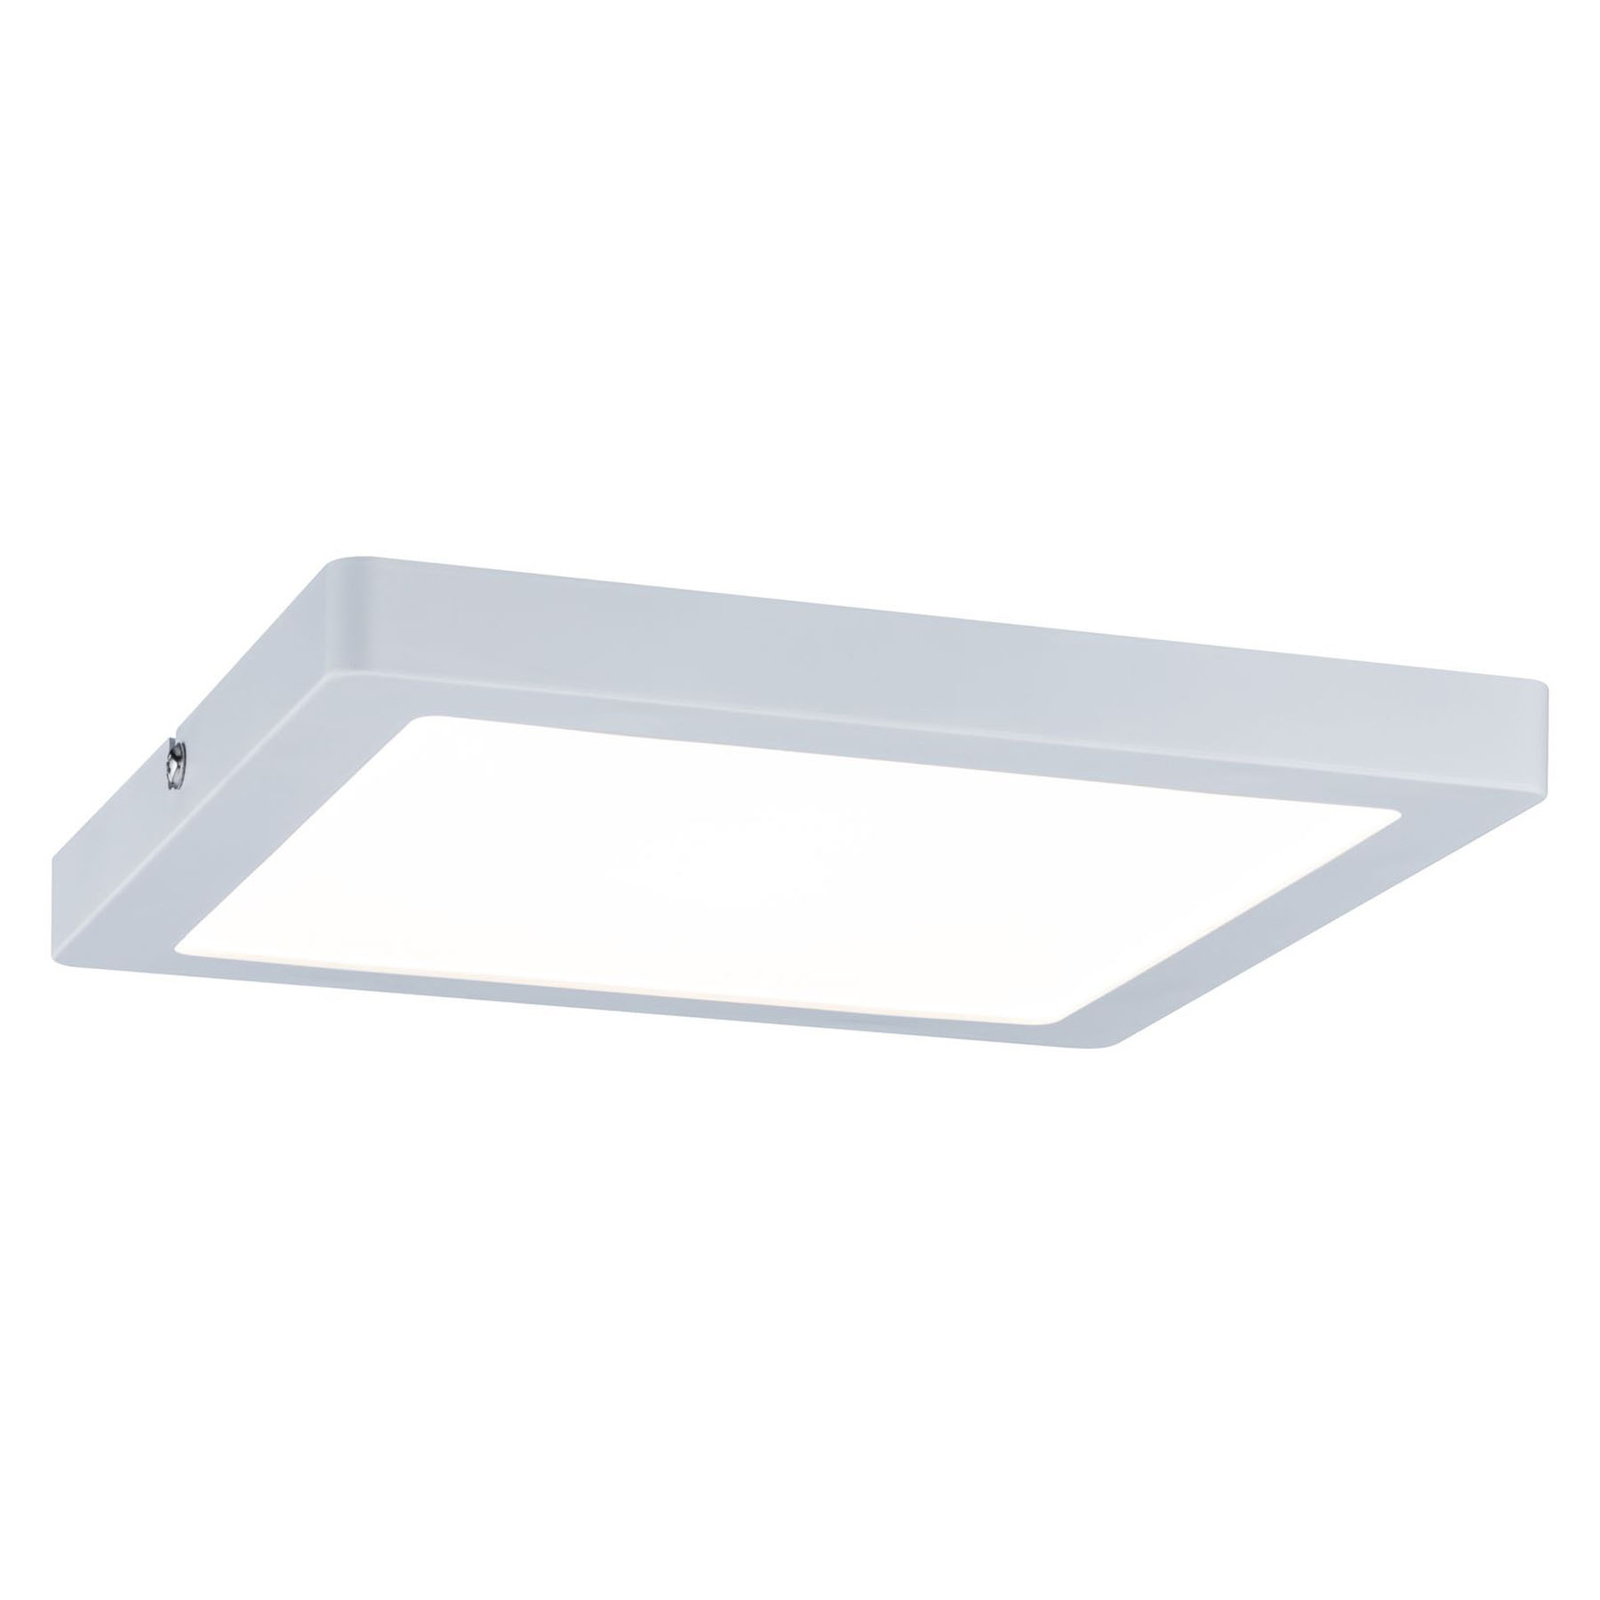 Paulmann Atria lampa sufitowa LED 22x22 cm biała